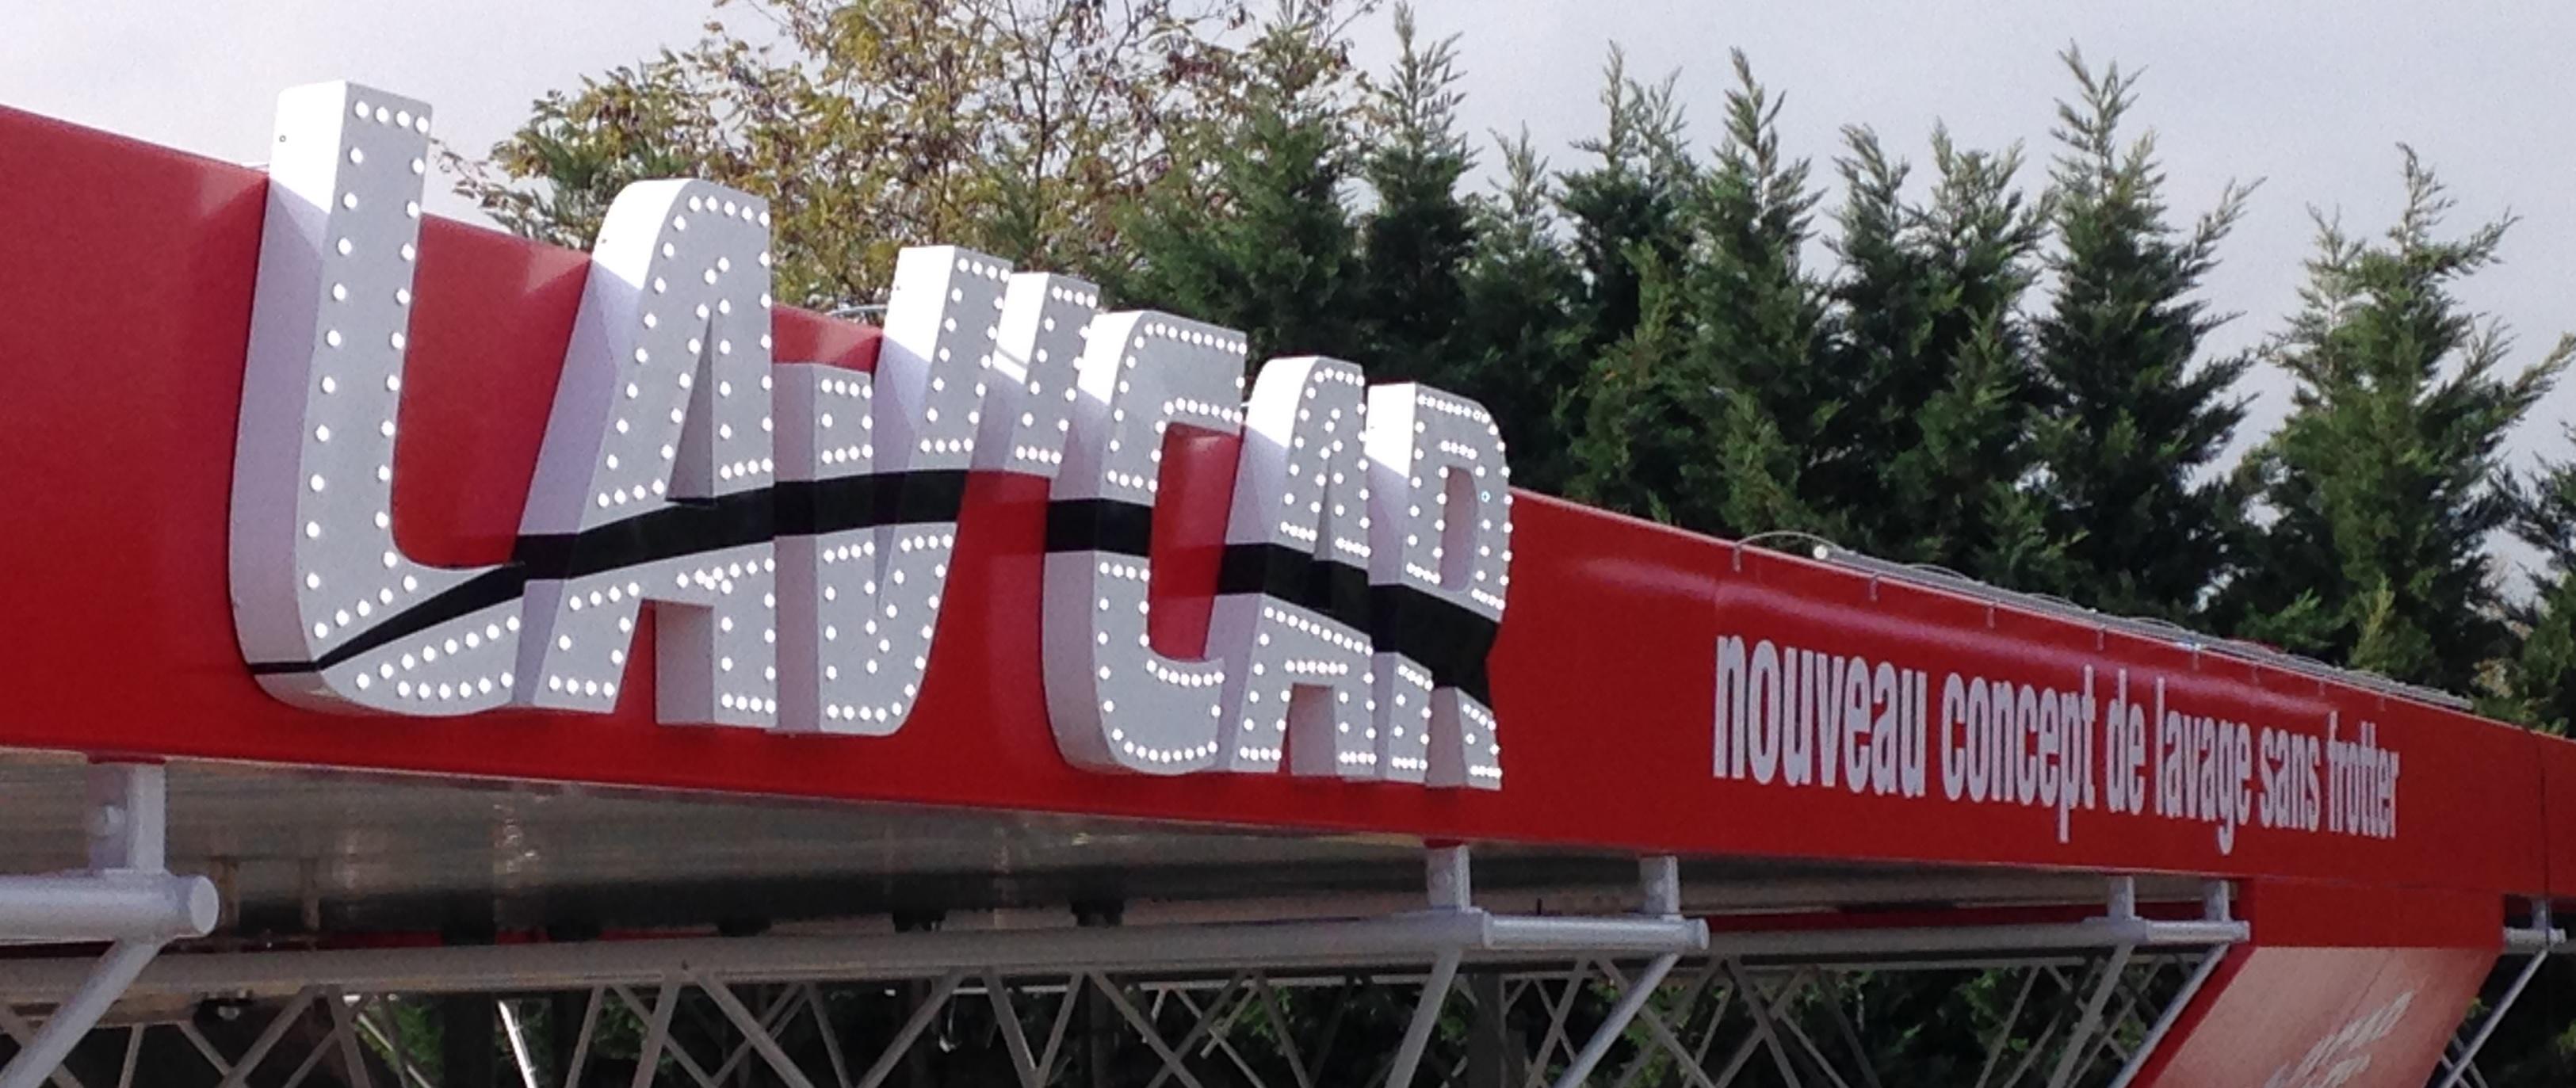 logo led lav car